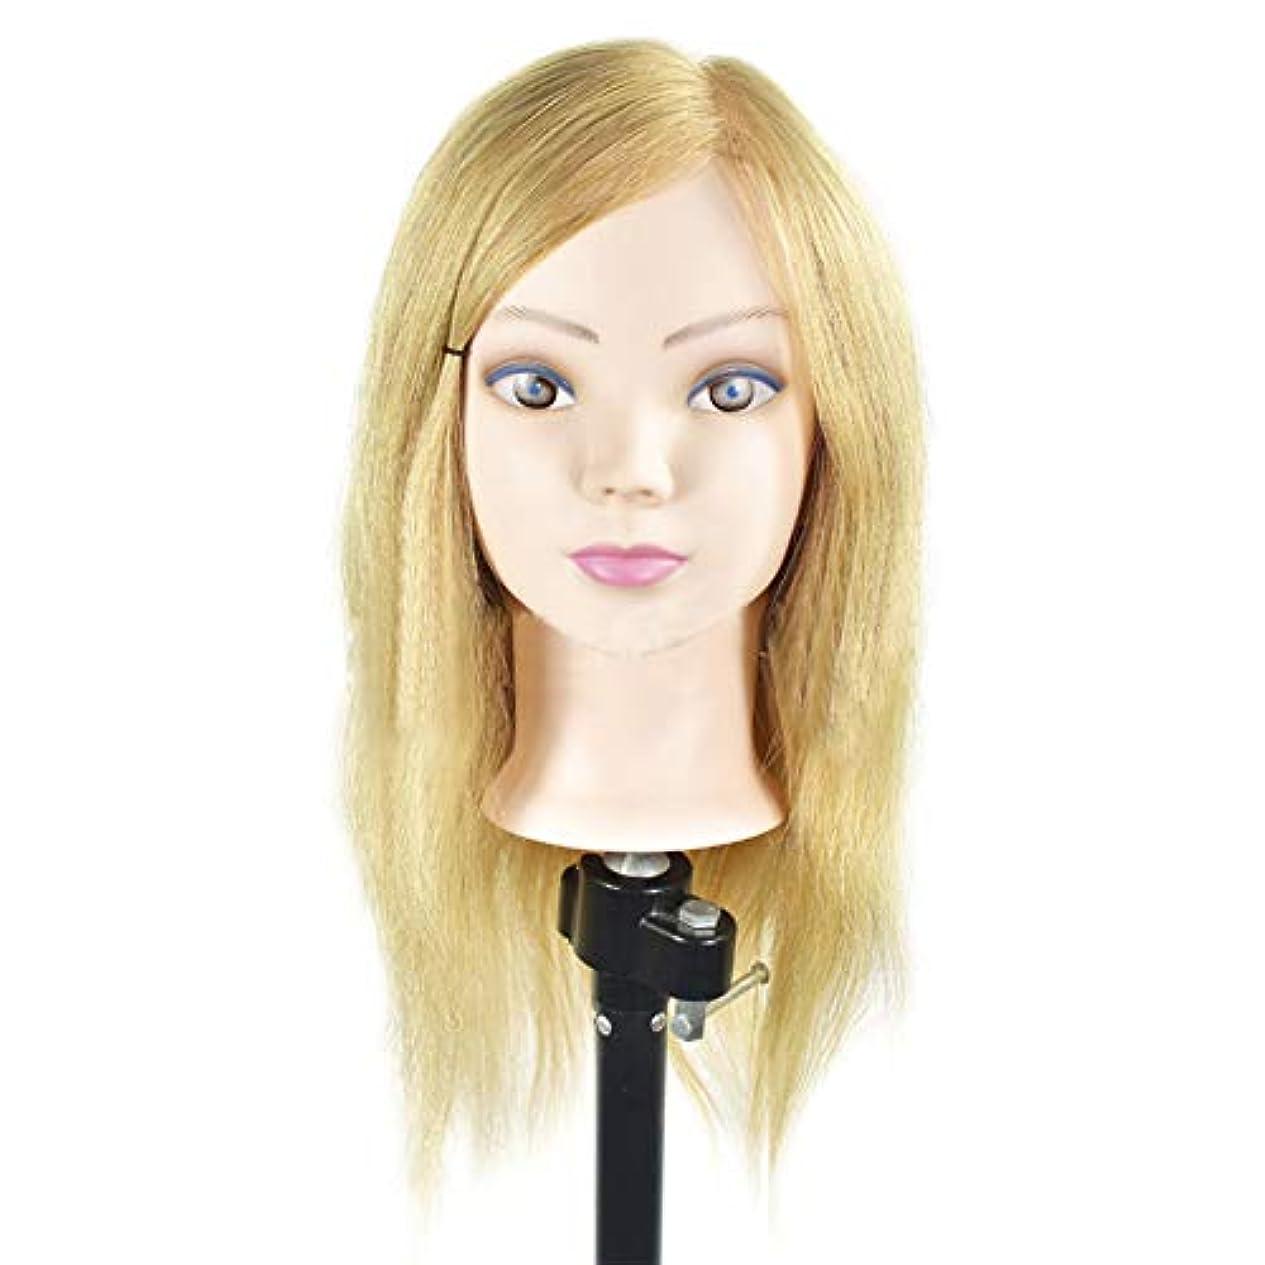 ブラインド発明するコンパス本物の髪髪編組髪ヘアホット染料ヘッド型サロンモデリングウィッグエクササイズヘッド散髪学習ダミーヘッド